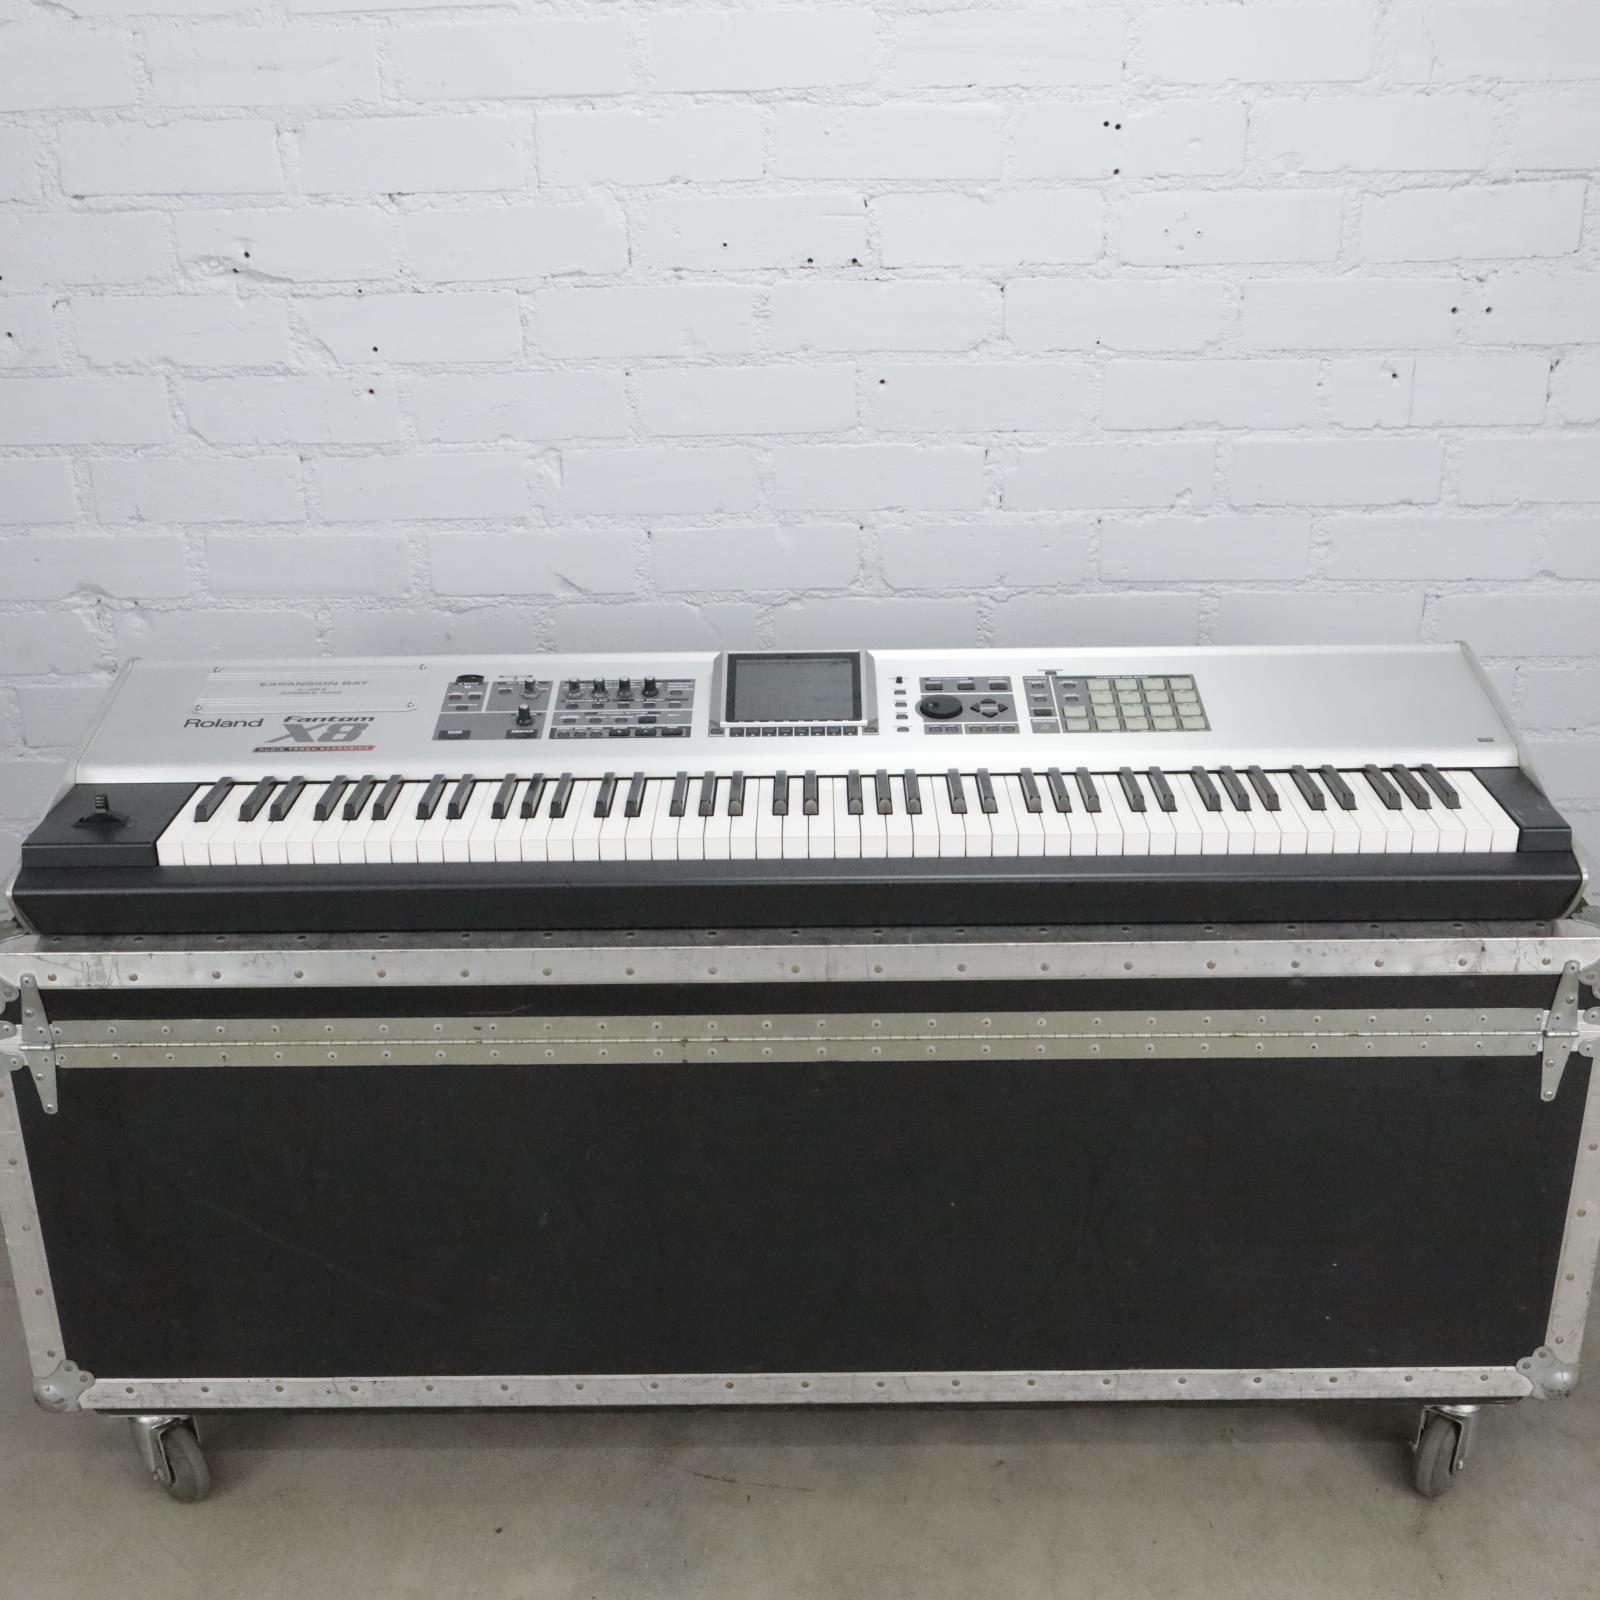 Roland Fantom X8 88-Key Synthesizer Keyboard Workstation w/ 256 MB RAM #40708